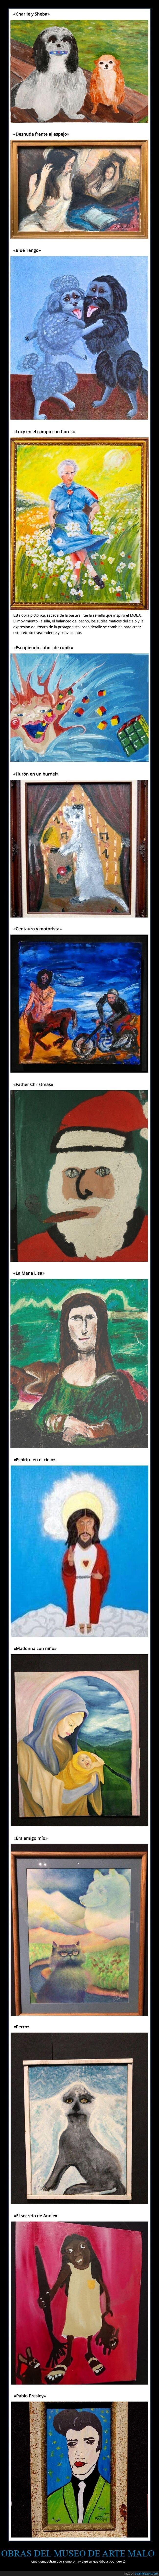 arte,museo del arte malo,obras